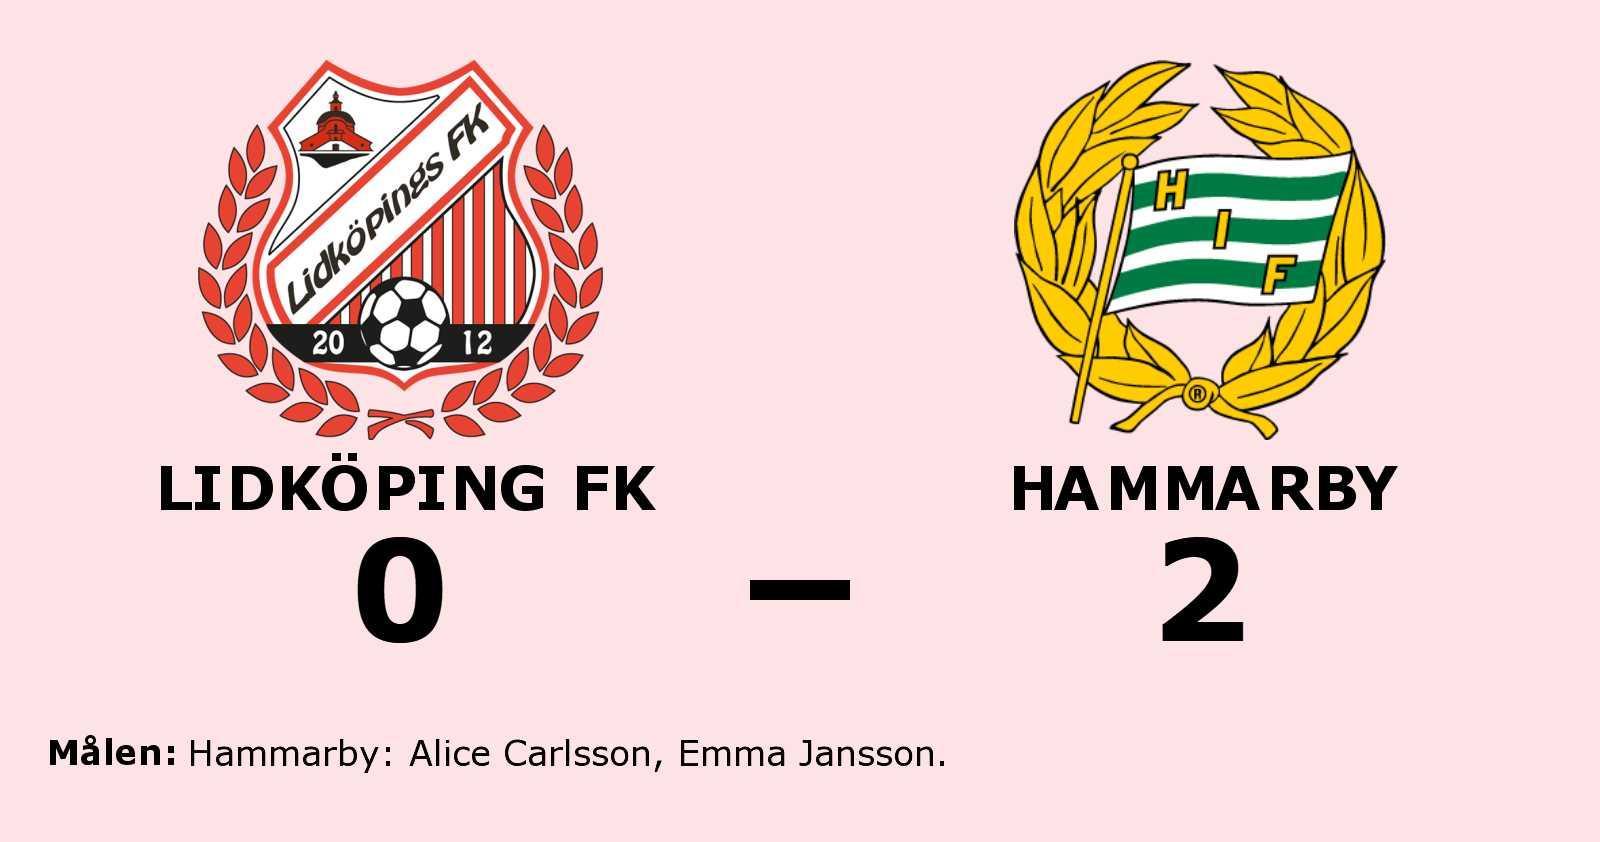 Alice Carlsson och Emma Jansson målgörare i Hammarbys seger